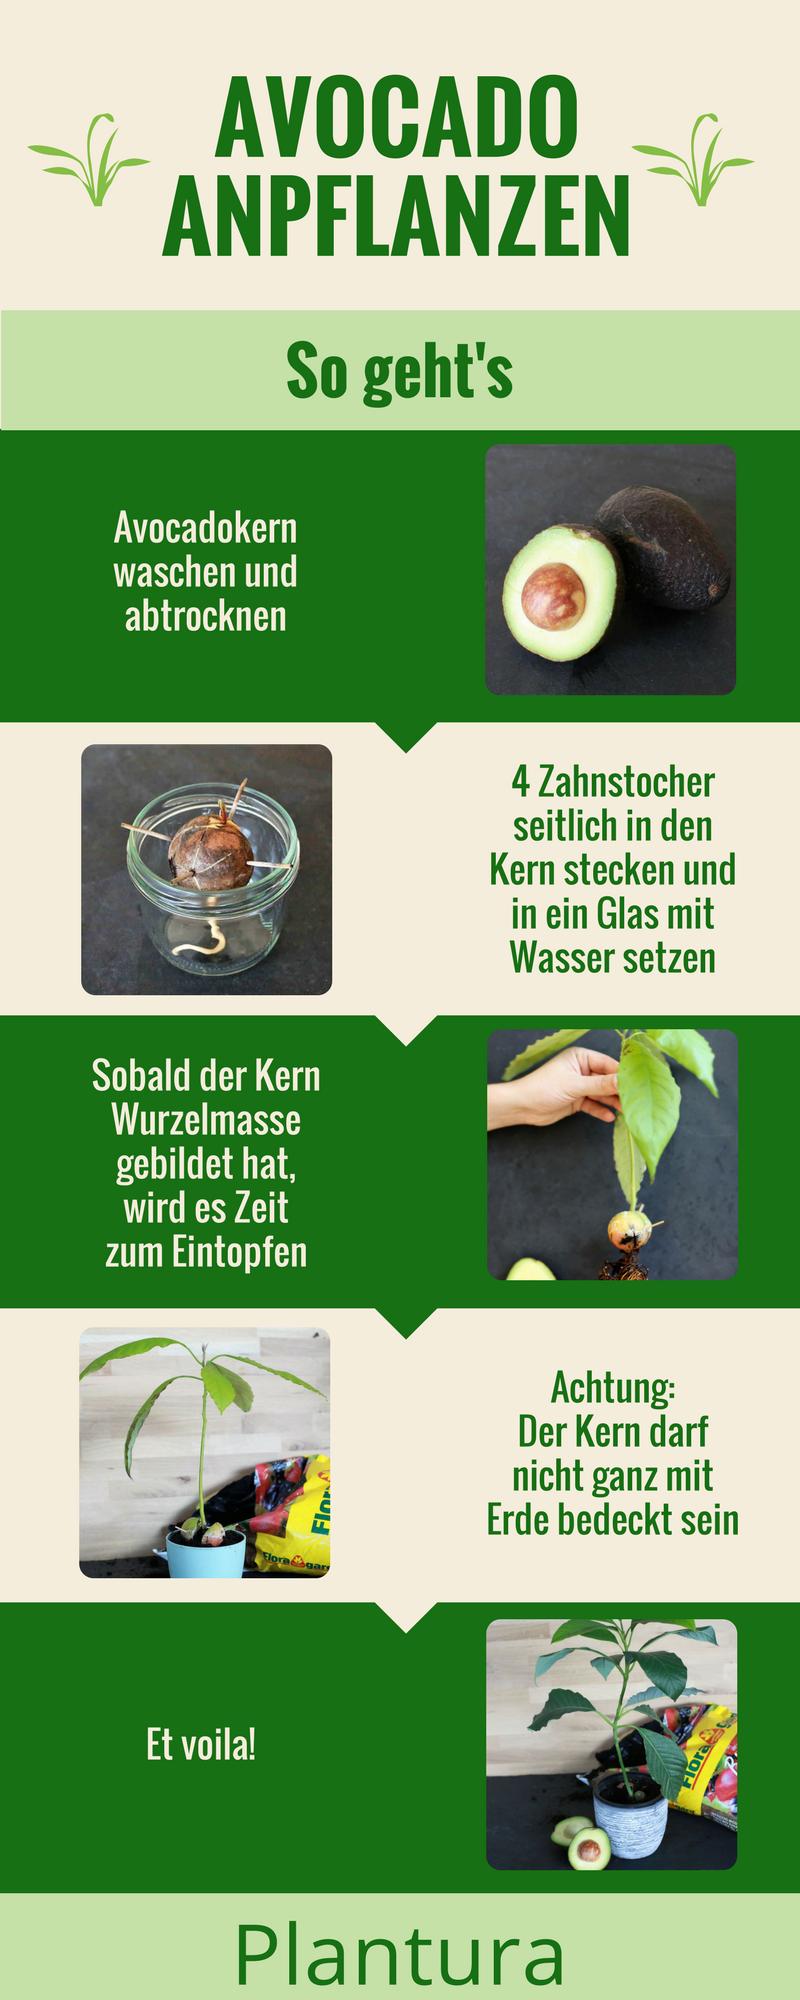 avocadokern einpflanzen vermehrung anbau leichtgemacht anbau von pflanzen garten. Black Bedroom Furniture Sets. Home Design Ideas